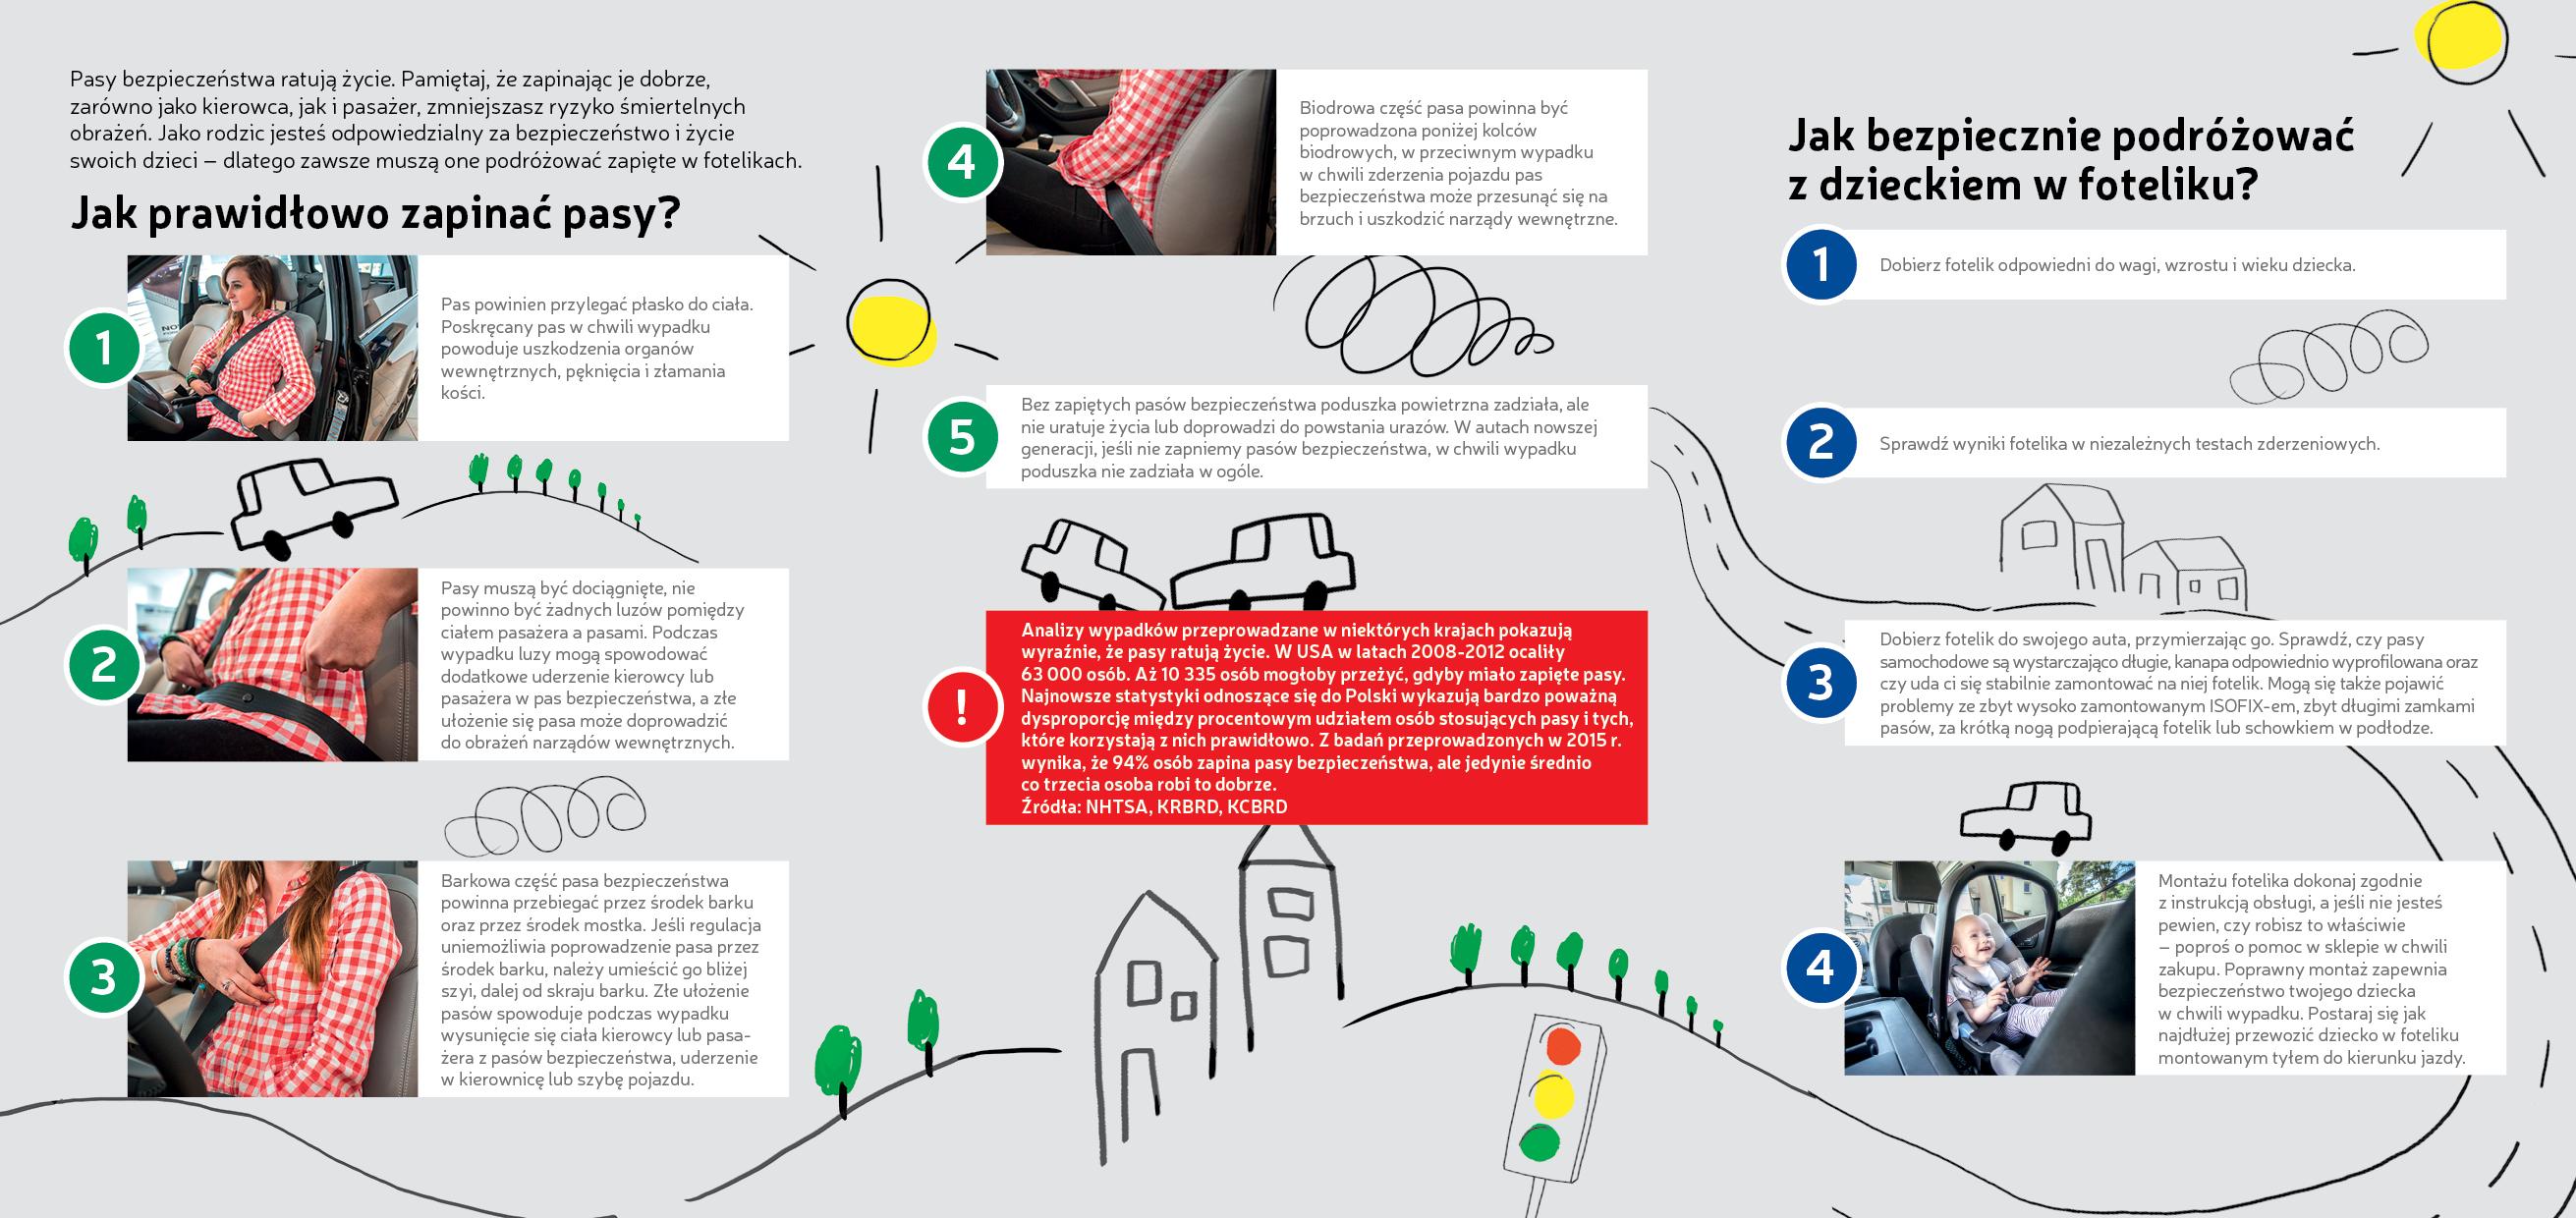 Zdjęcie przedstawia pierwszą stronę ulotki, na której są informacje dotyczące poprawnego zapinania pasów dla dorosłych i dzieci, o których mowa w artykule.